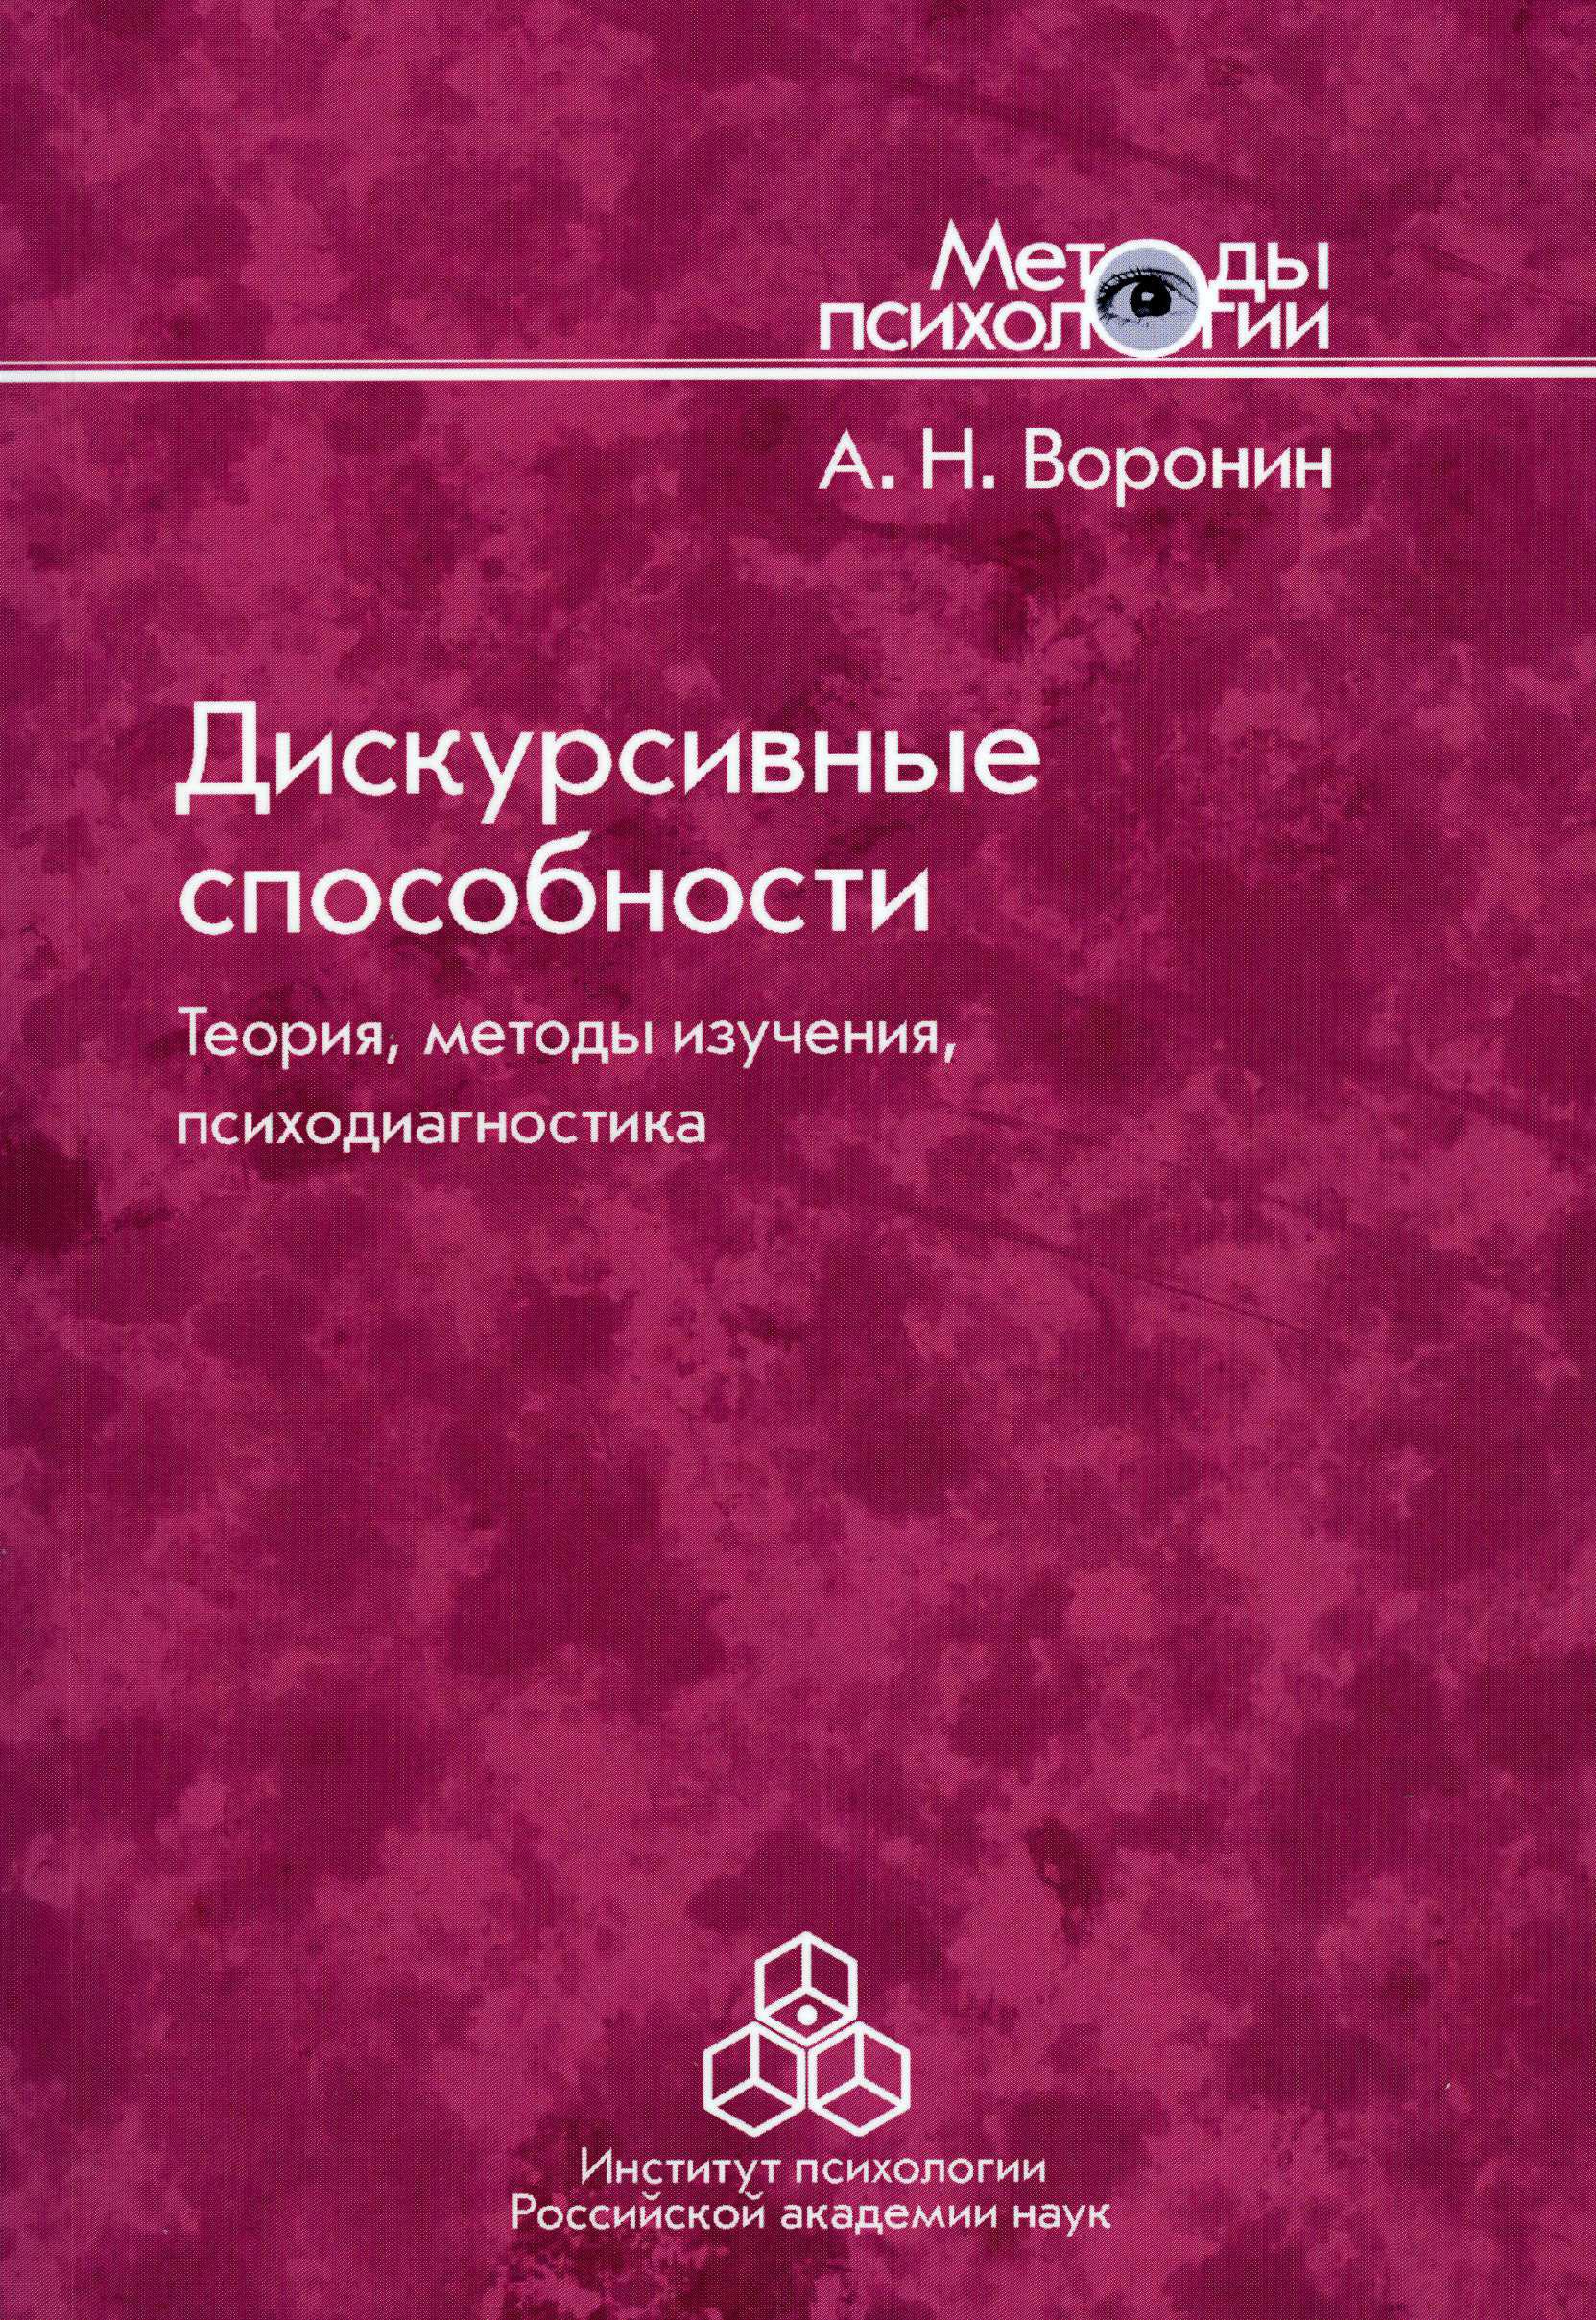 Анатолий Воронин Дискурсивные способности. Теория, методы изучения, психодиагностика